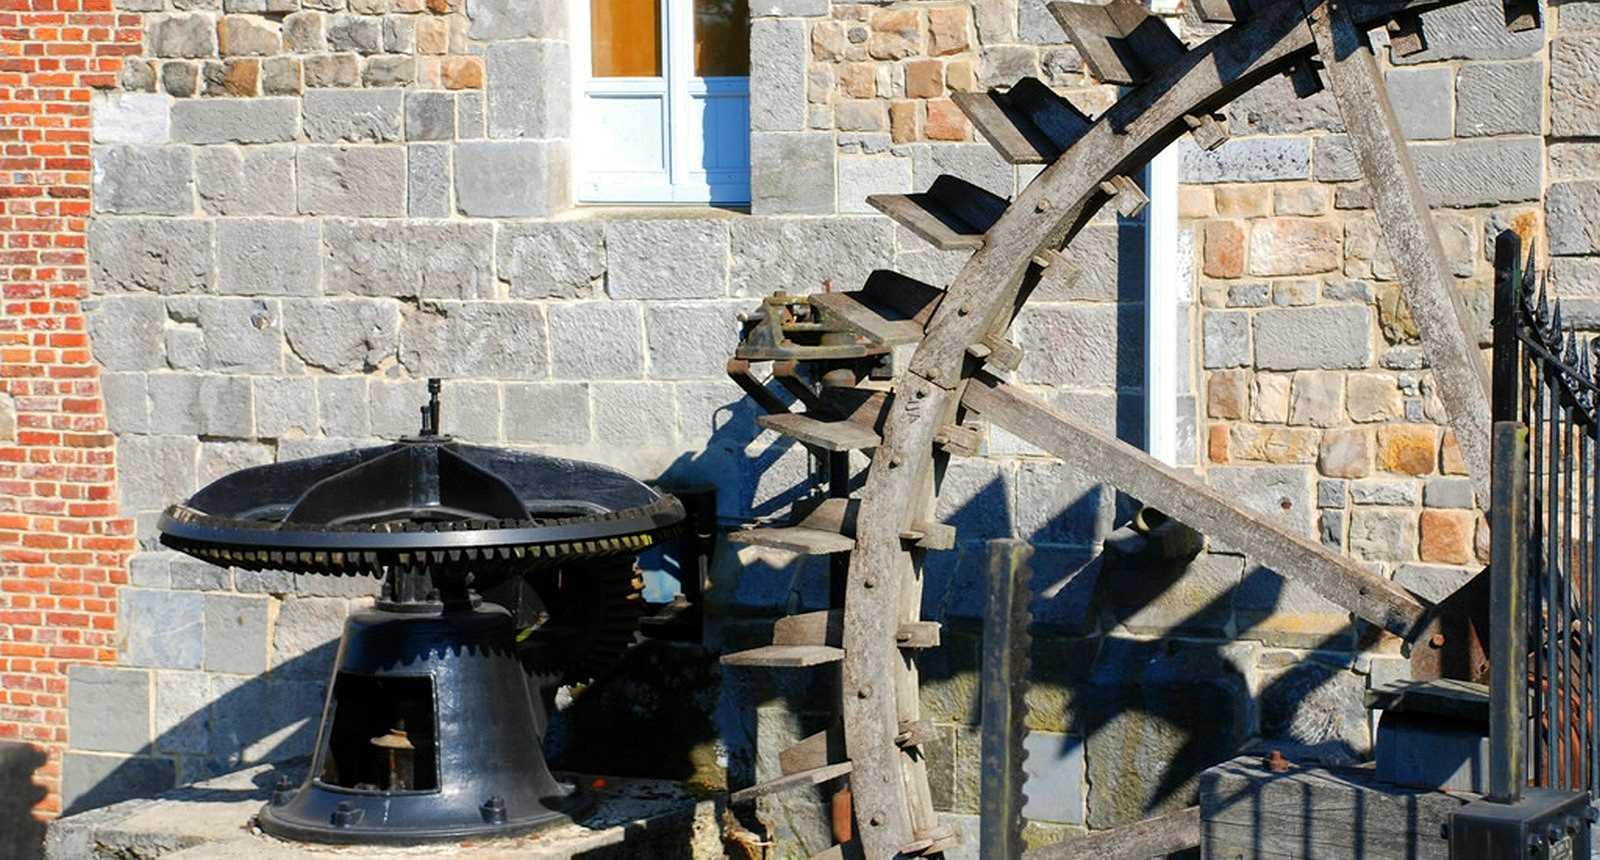 La roue du moulin à eau de Maroilles